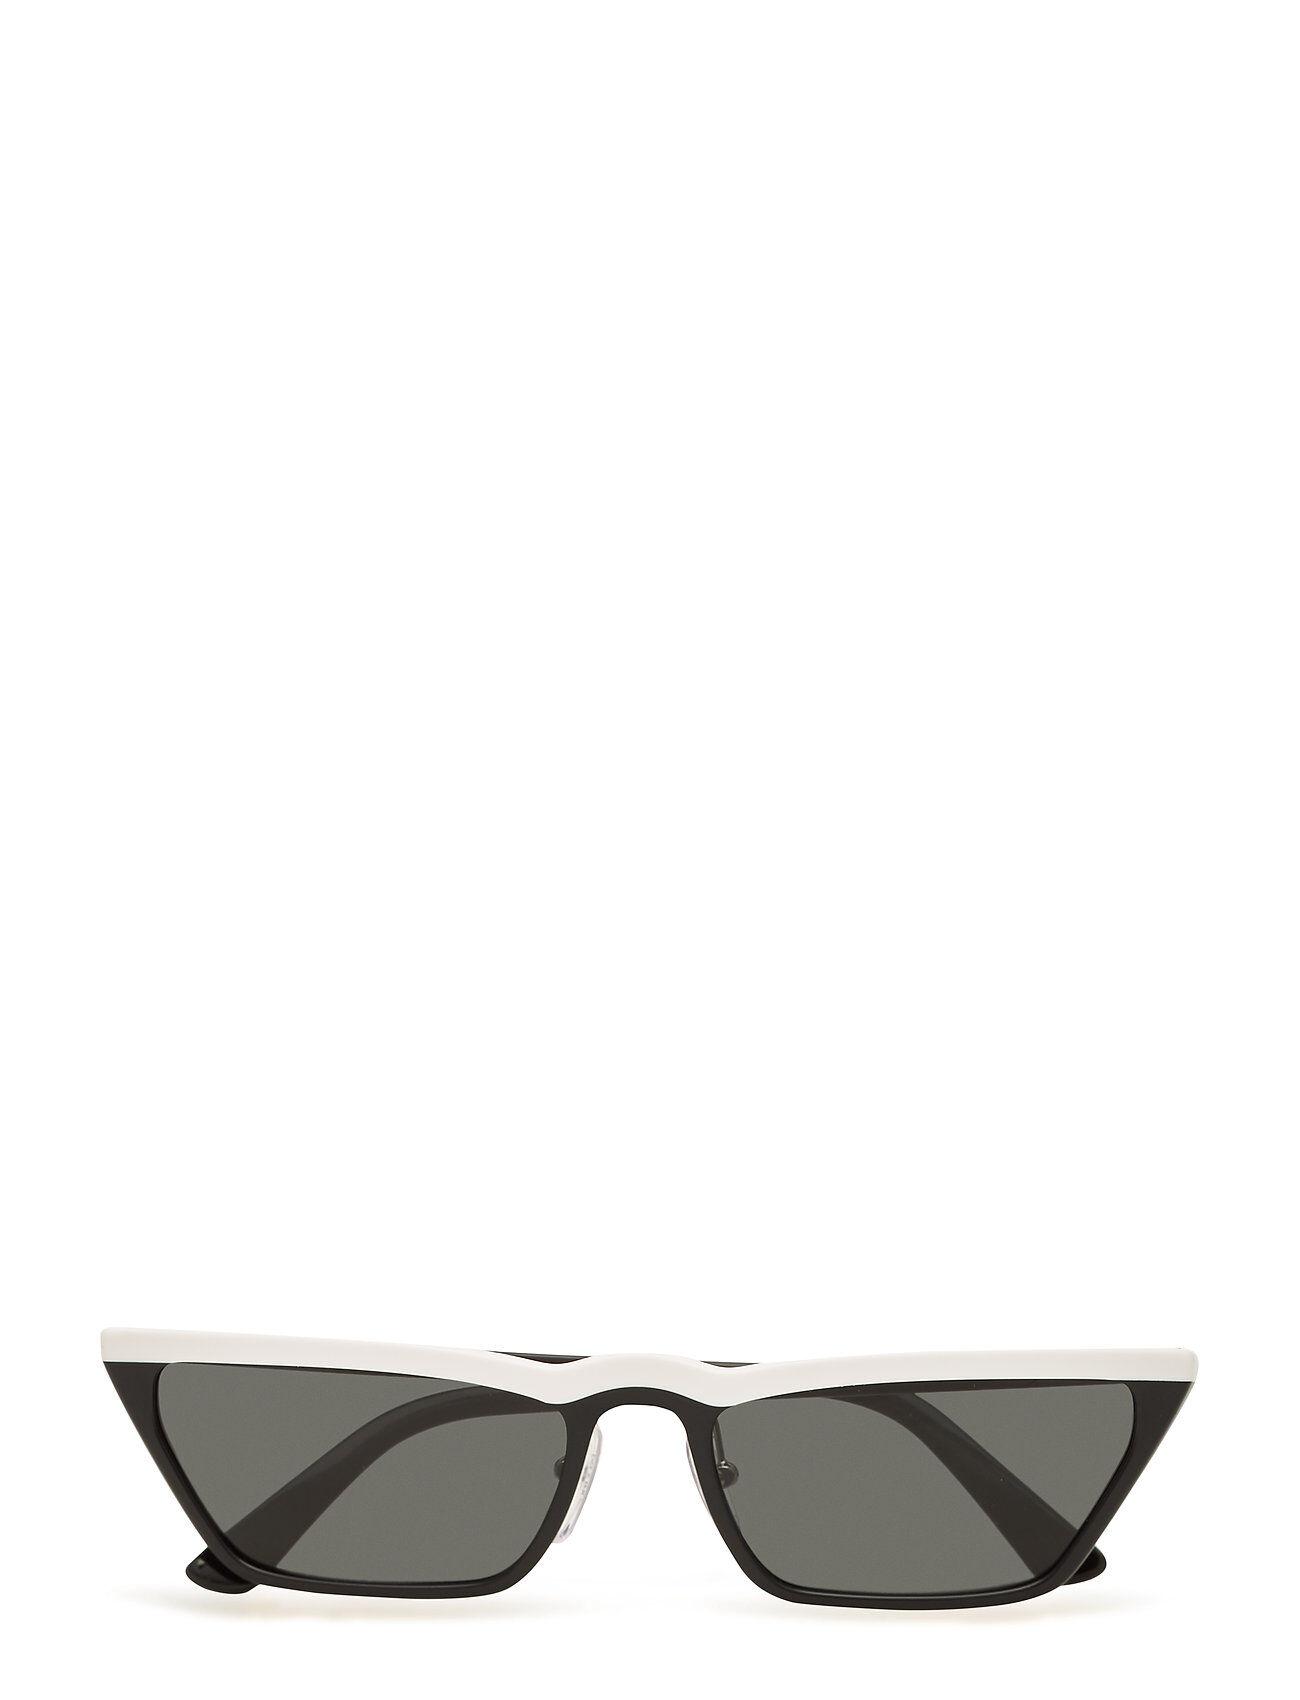 Image of Prada Sunglasses Aurinkolasit Valkoinen